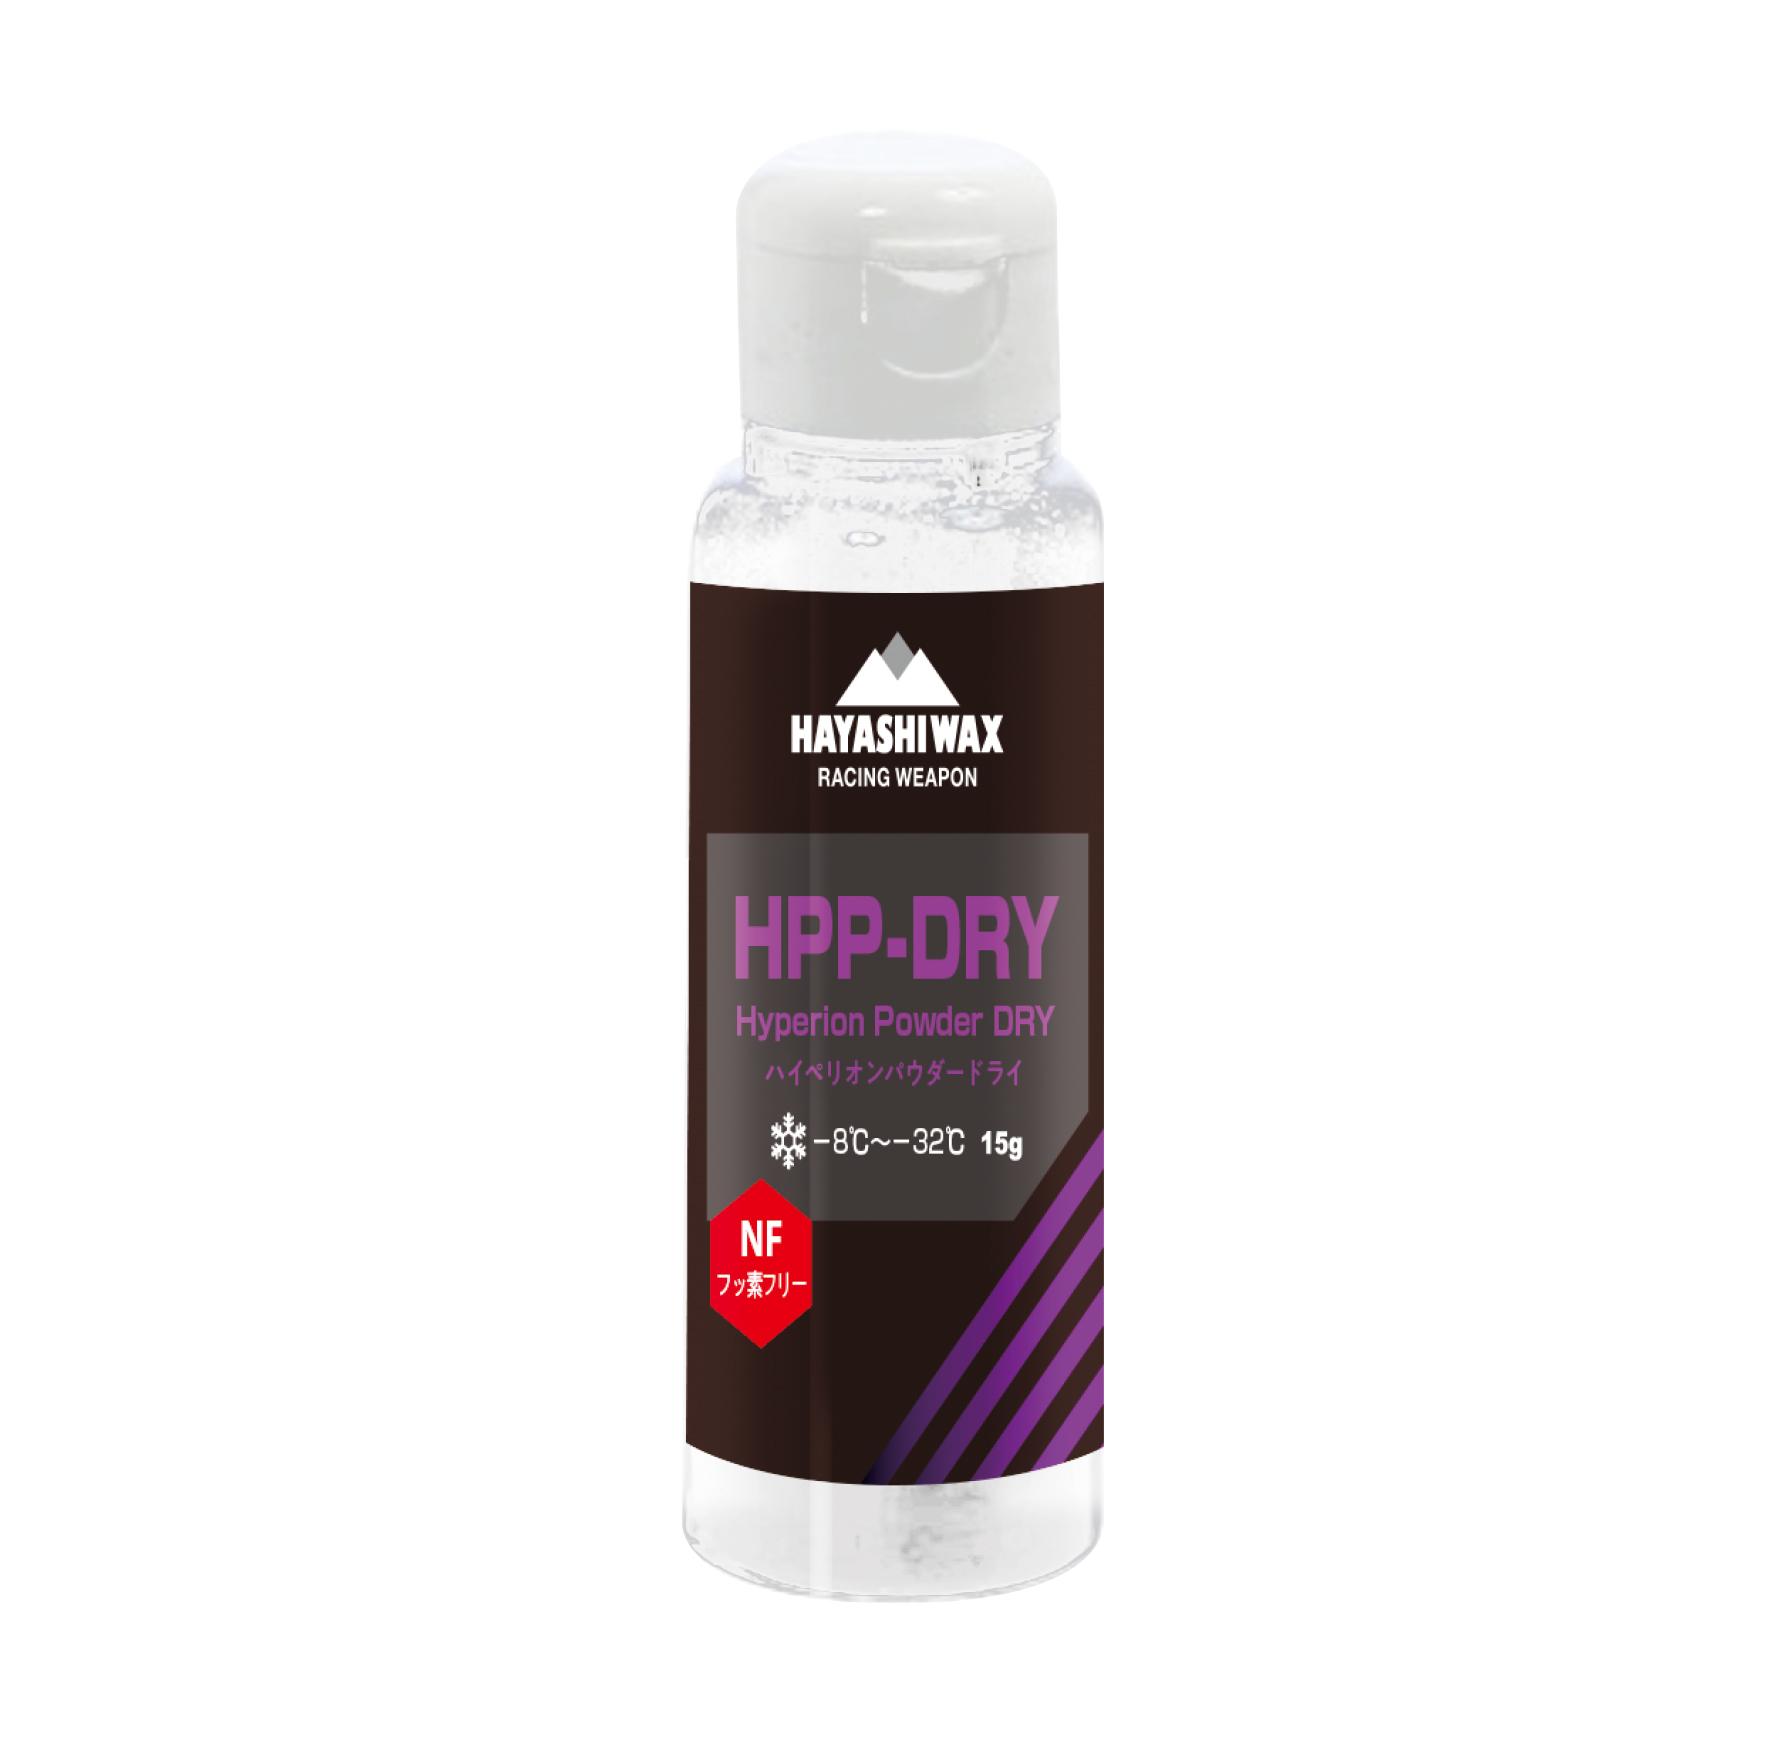 HPP-DRY(ハイペリオンパウダー ドライ)